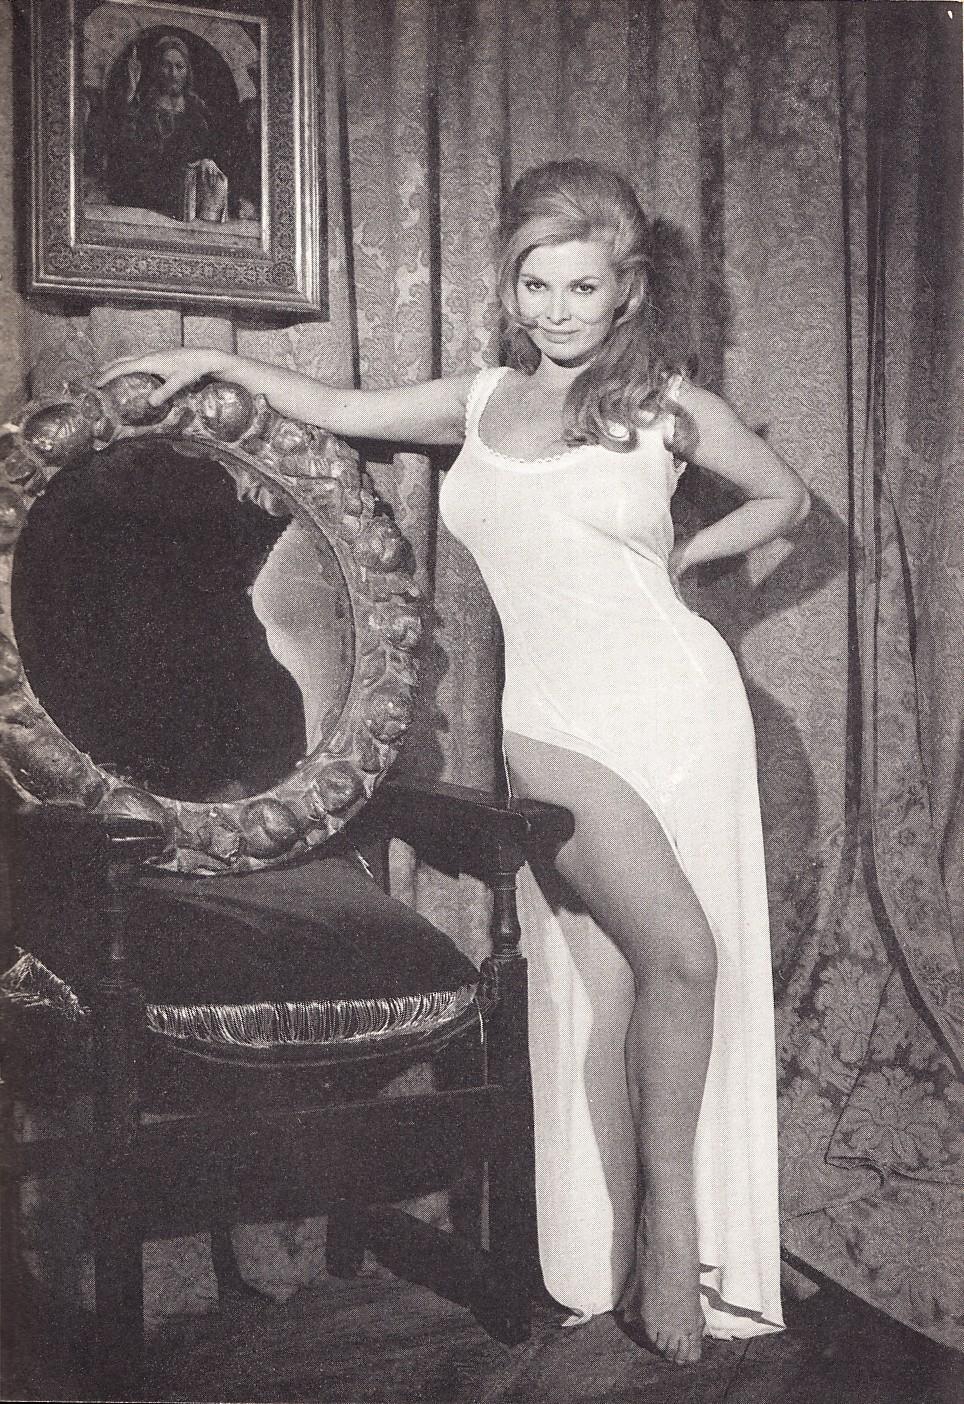 foto Scilla Gabel (born 1938)